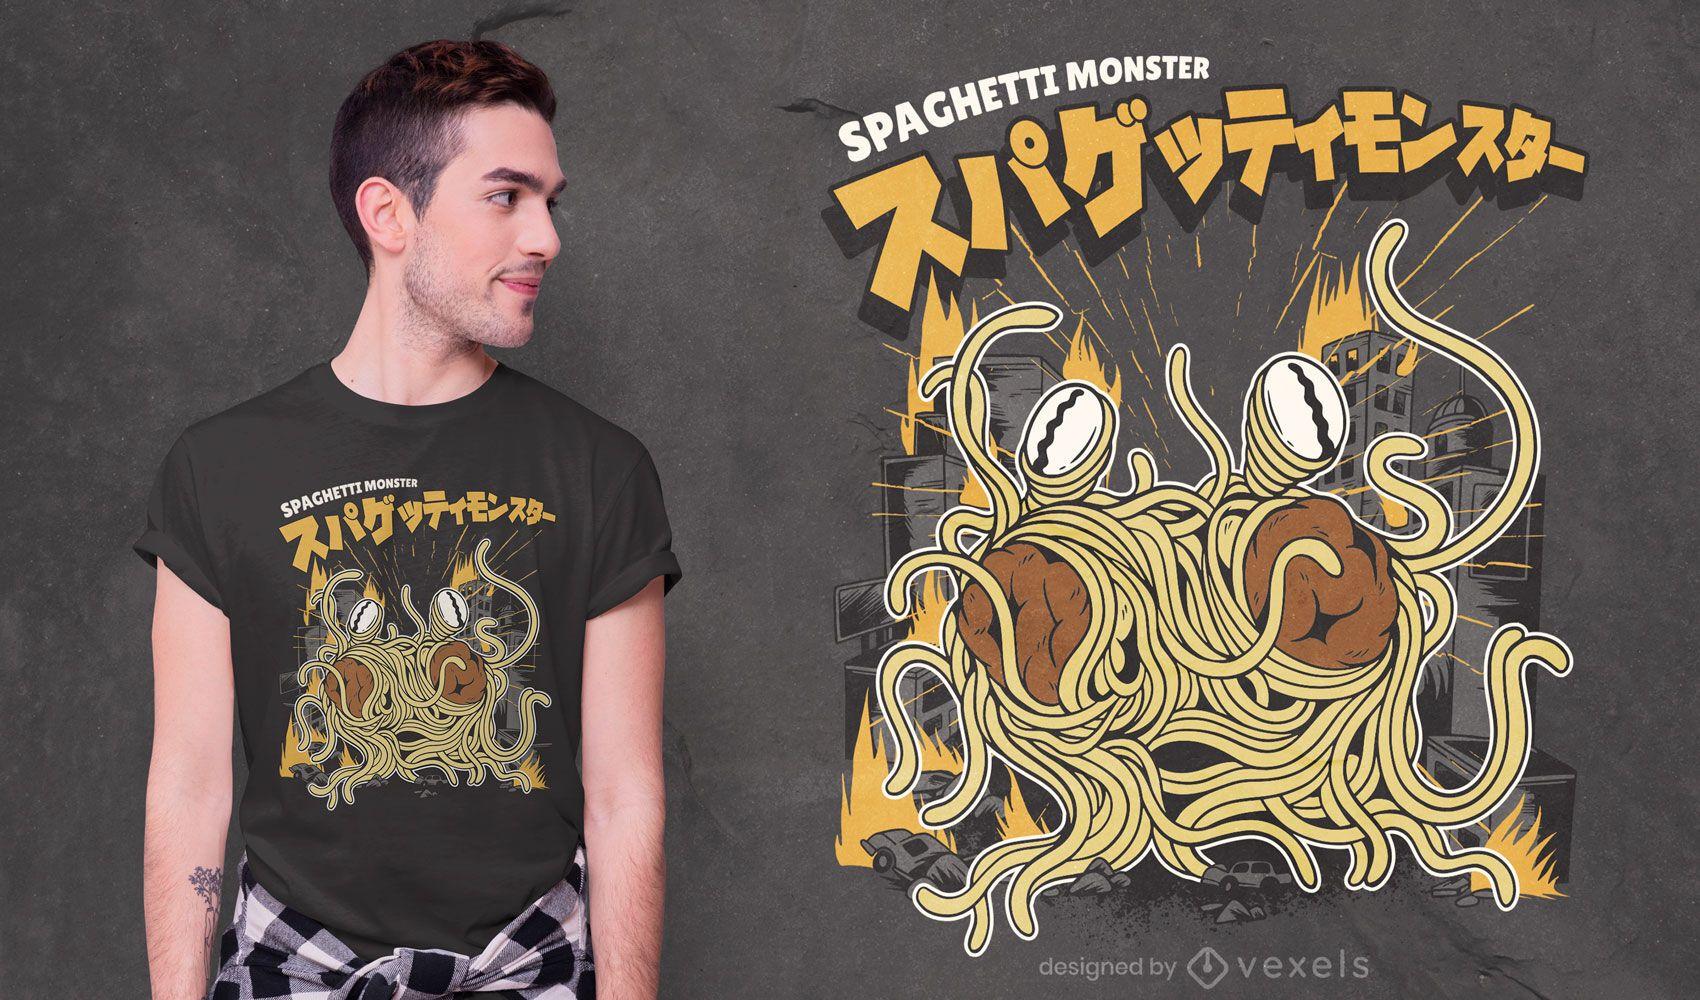 Spaghetti Monster T-shirt Design